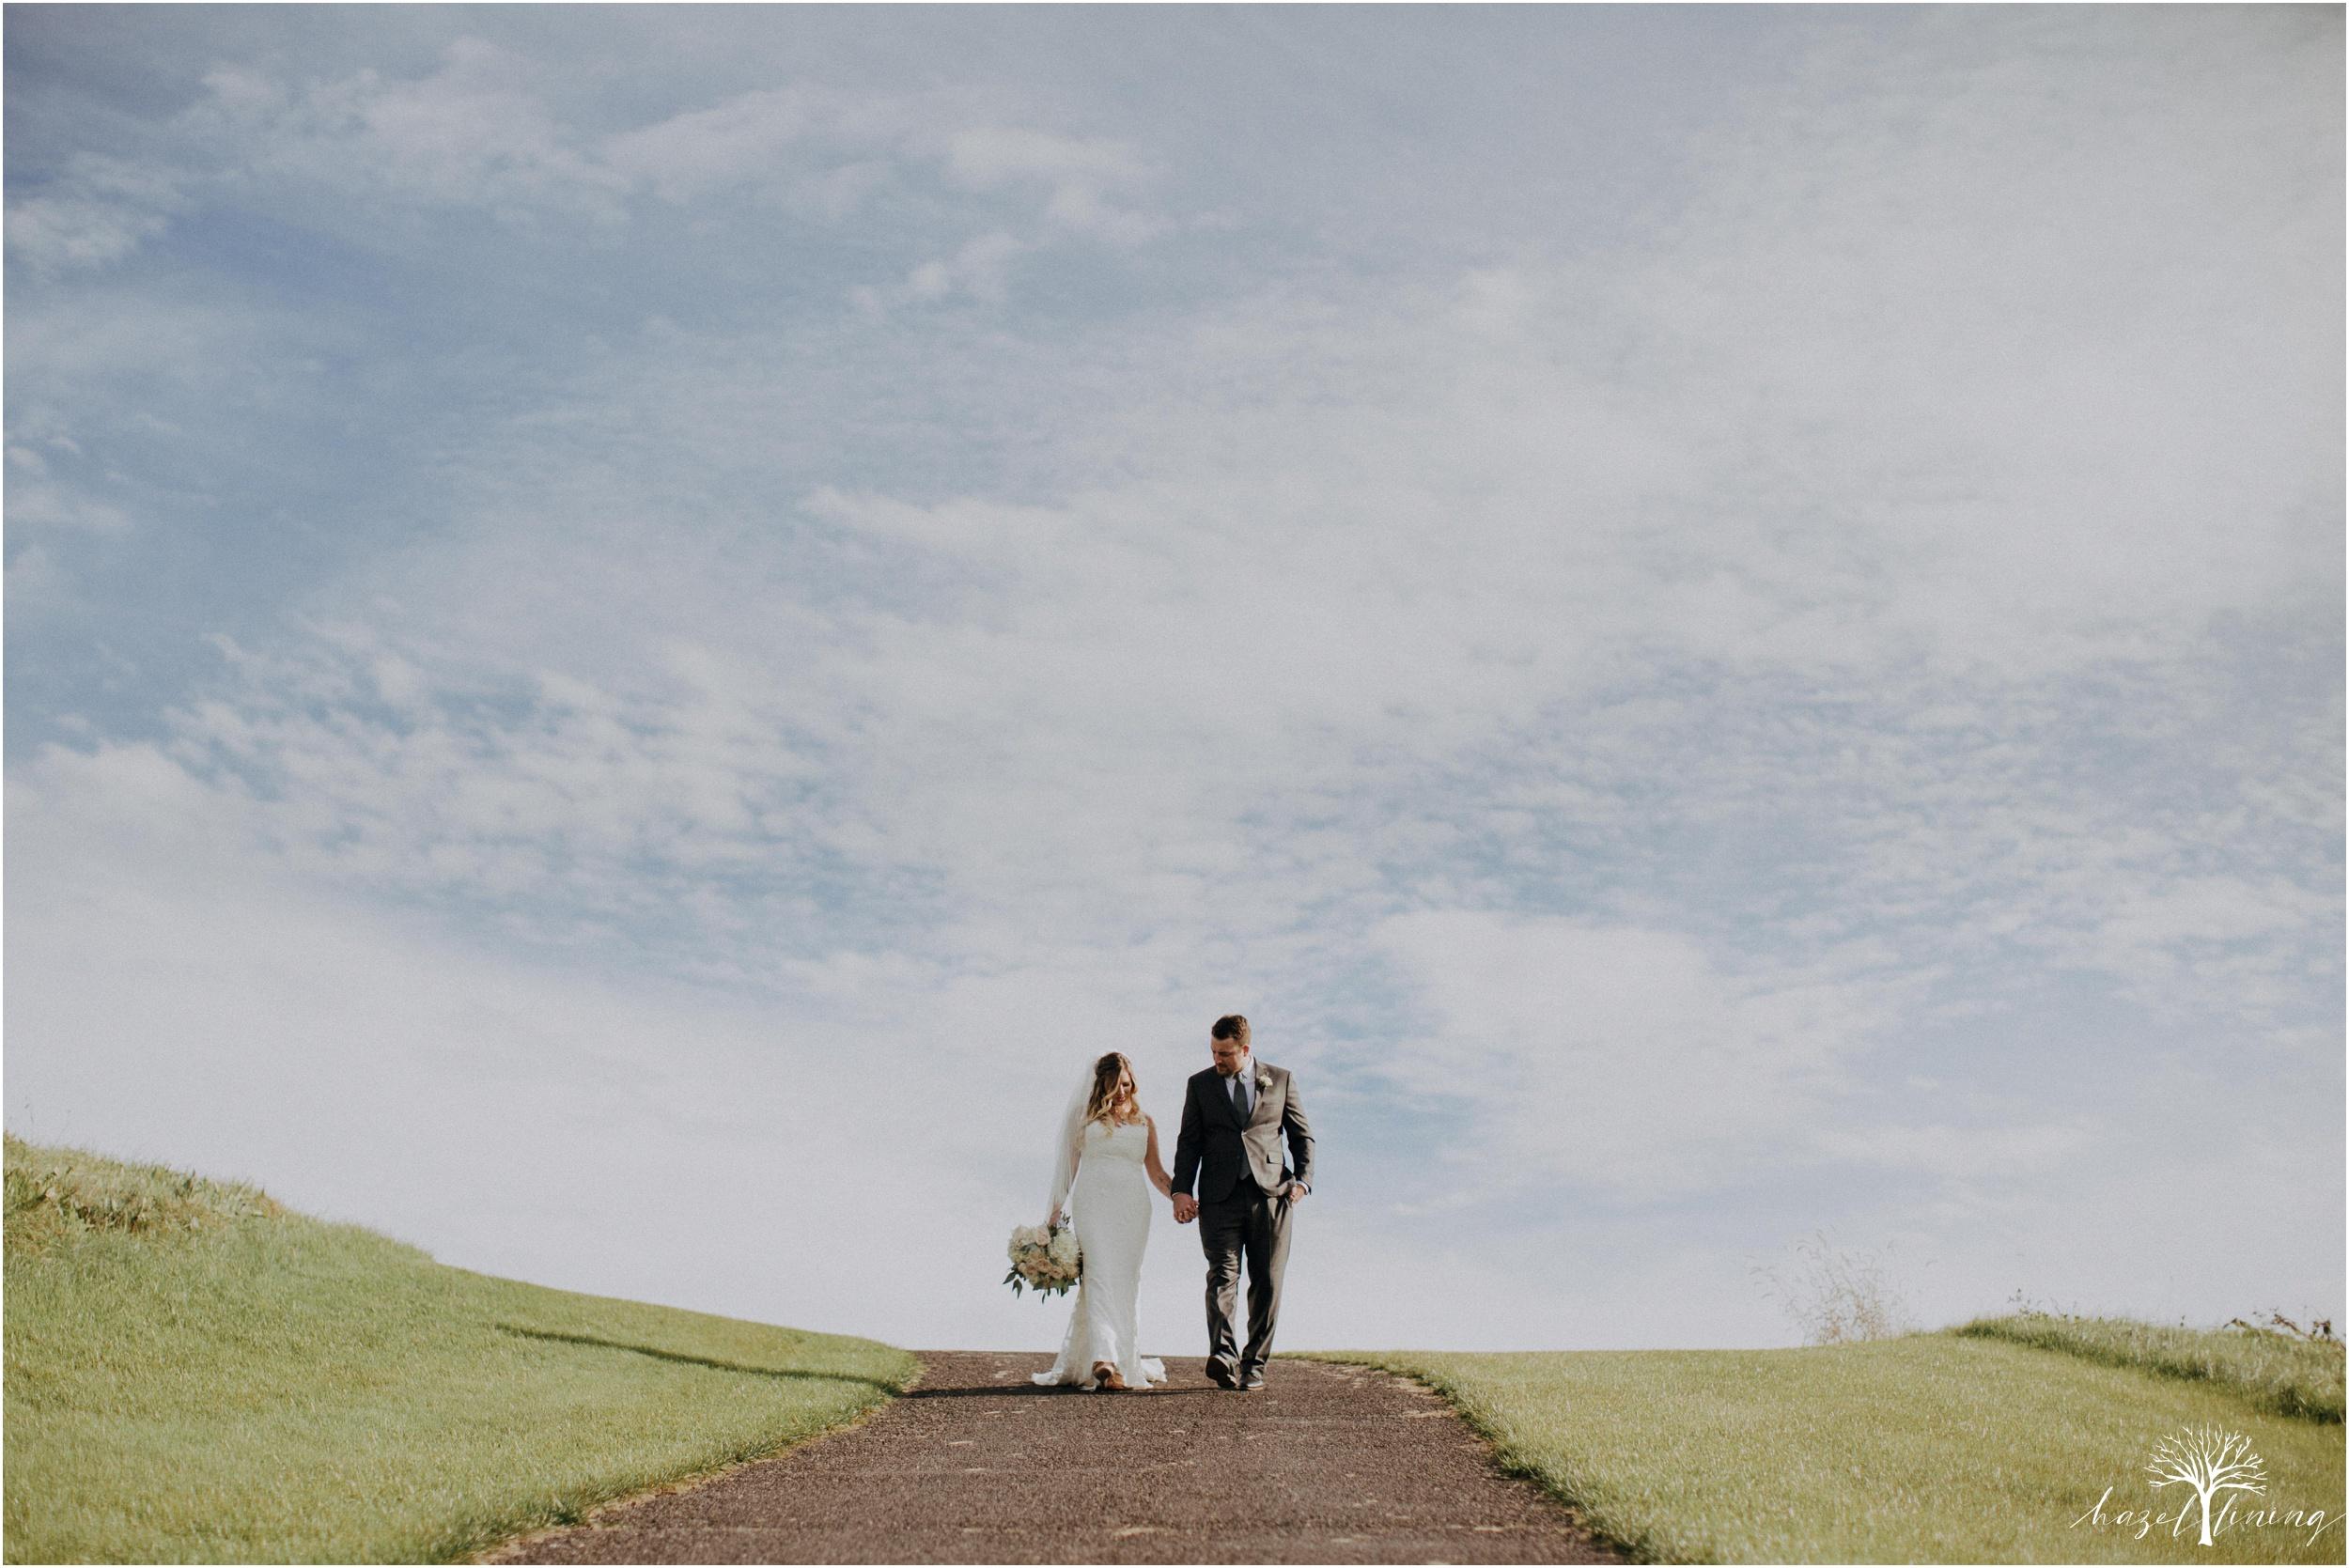 jessie-martin-zach-umlauf-olde-homestead-golfclub-outdoor-autumn-wedding_0093.jpg